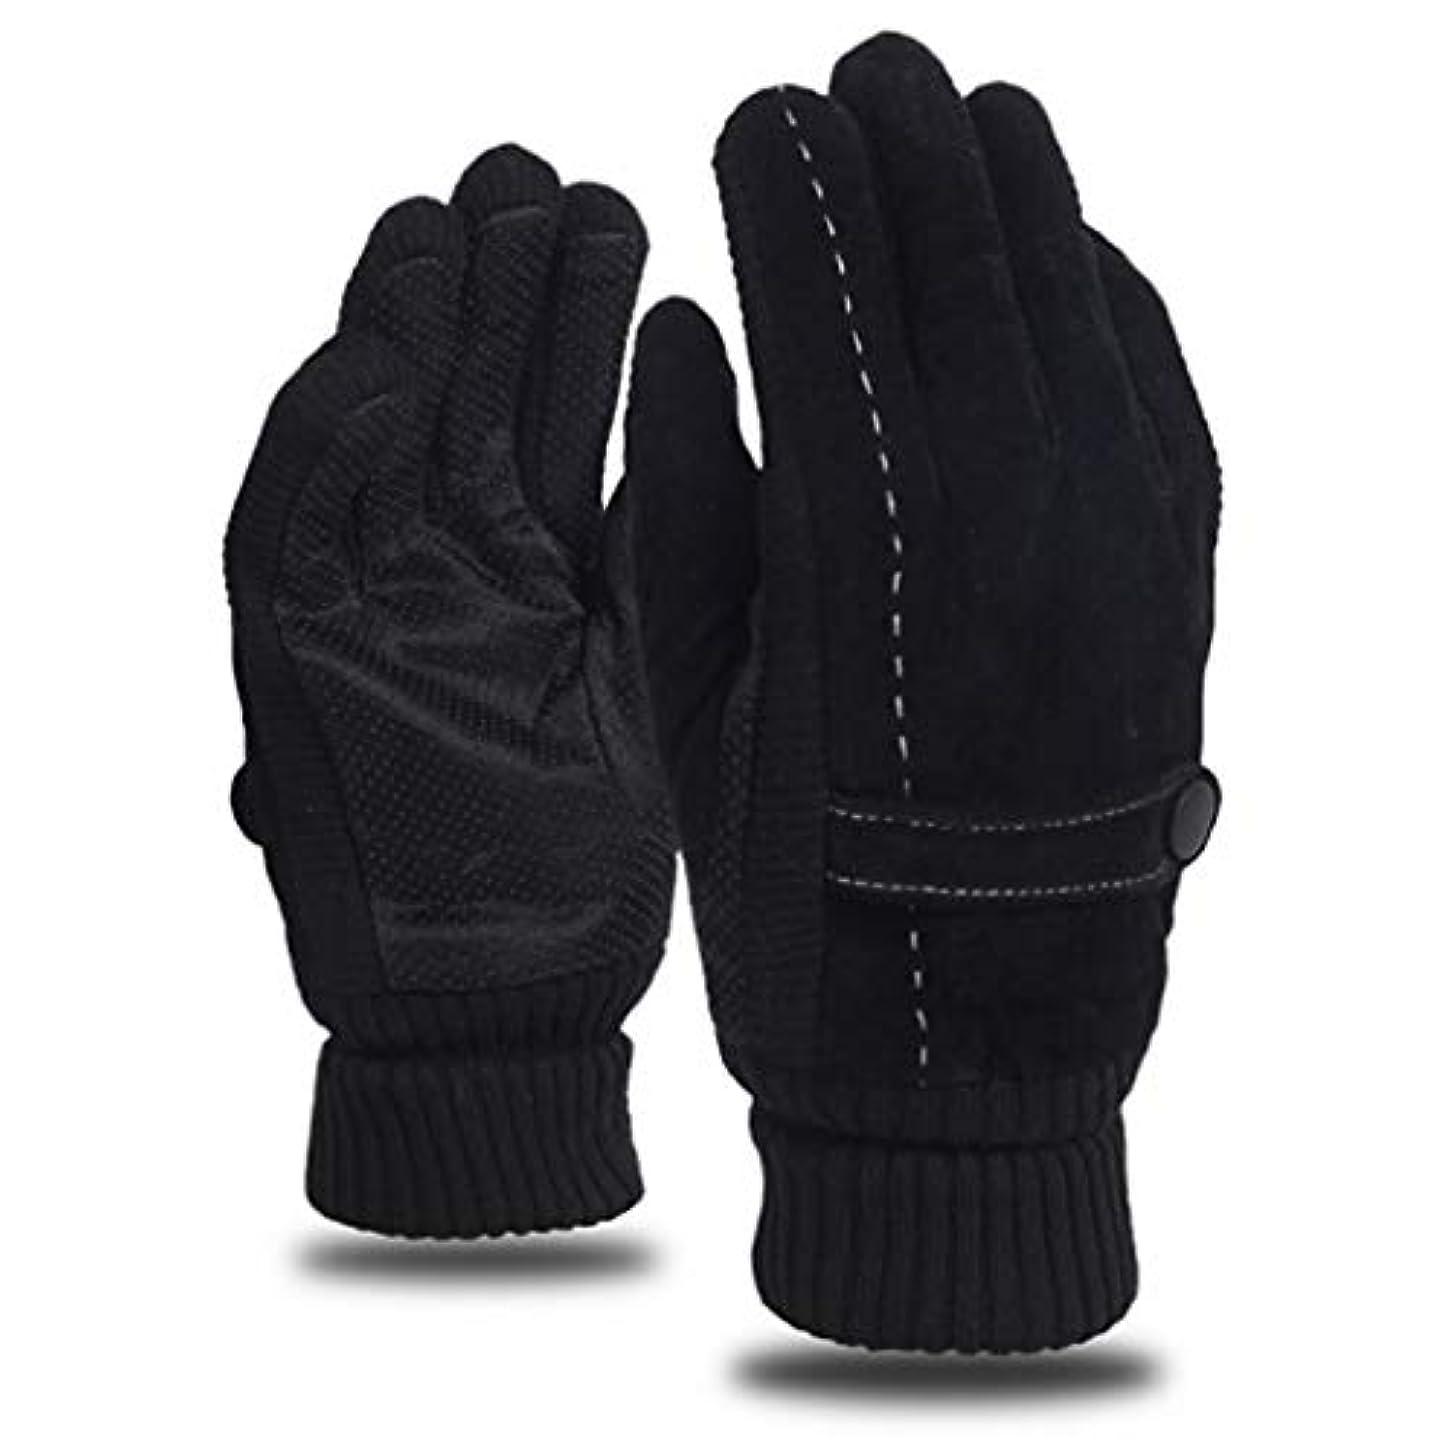 ペンス締め切り十一レザーグローブメンズウィンライディングプラスベルベット厚手暖かいドライビングアウトドアオートバイ防風コールドノンスリップメンズコットン手袋 (色 : 黒)